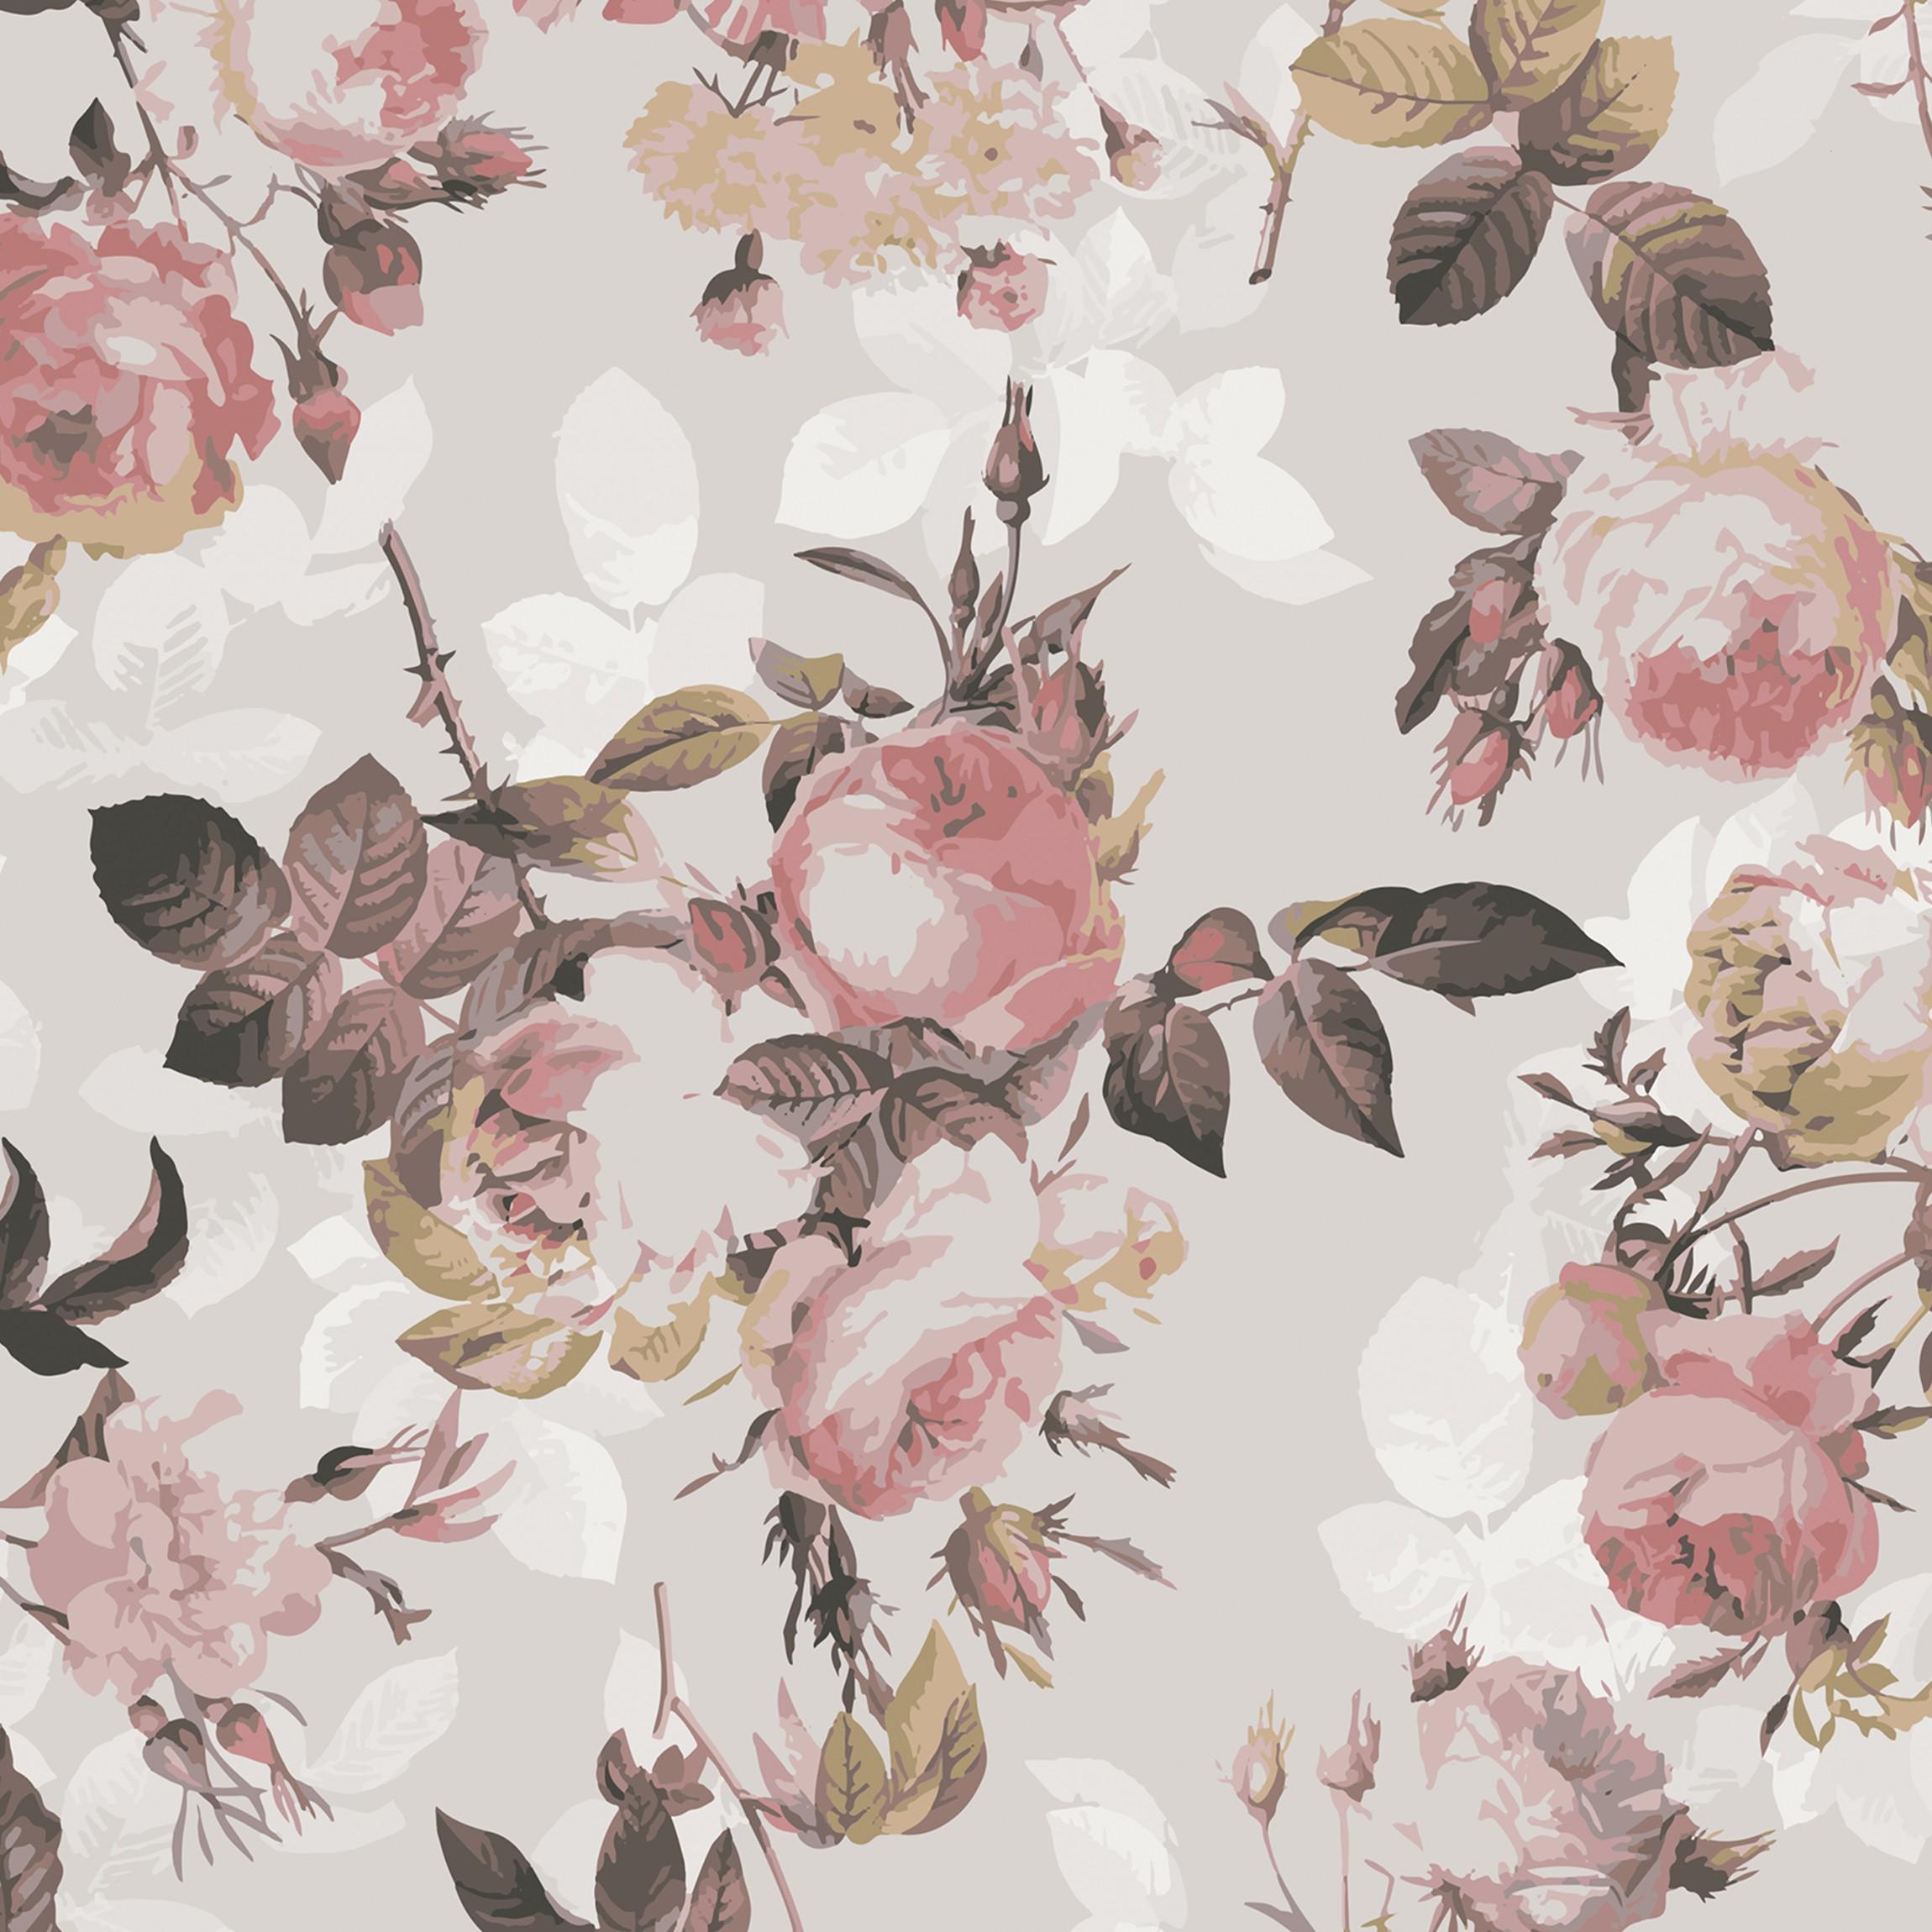 klebefolie vintage blumen muster mit rosen selbstklebende folie. Black Bedroom Furniture Sets. Home Design Ideas